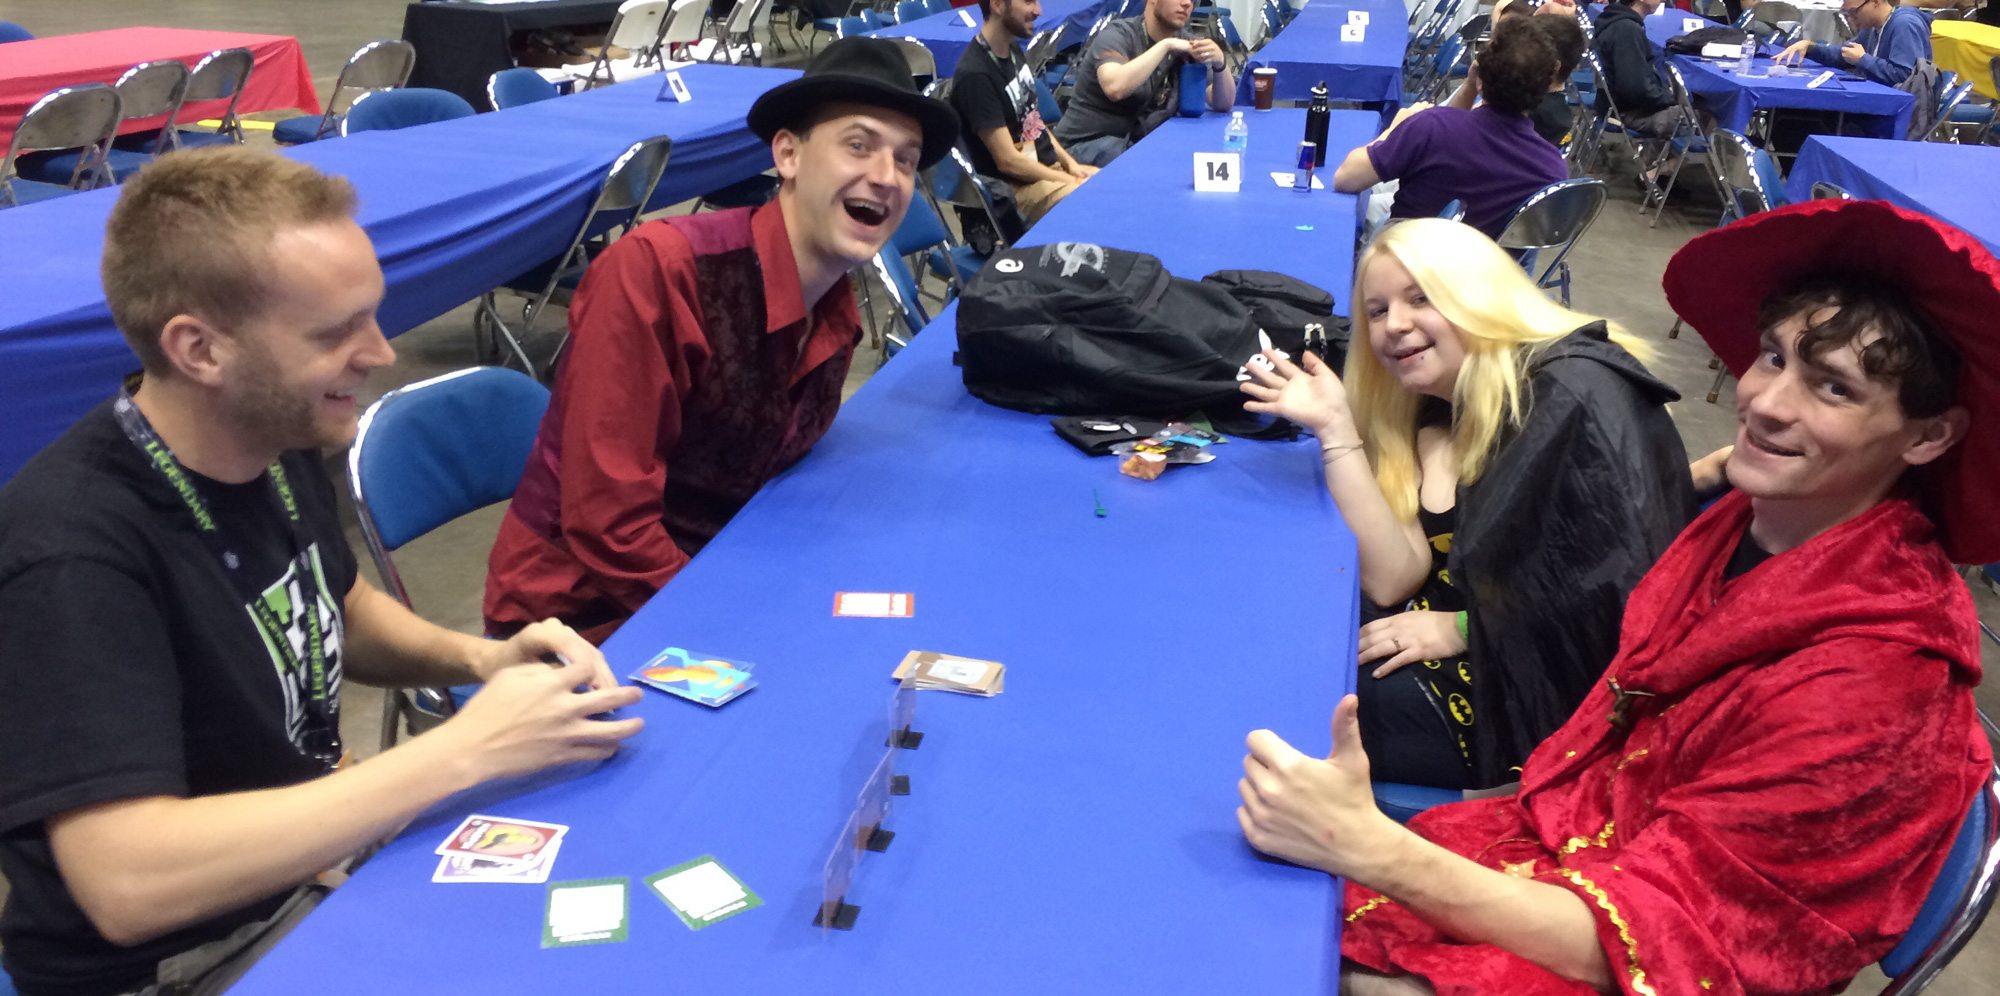 Gaming at Gen Con